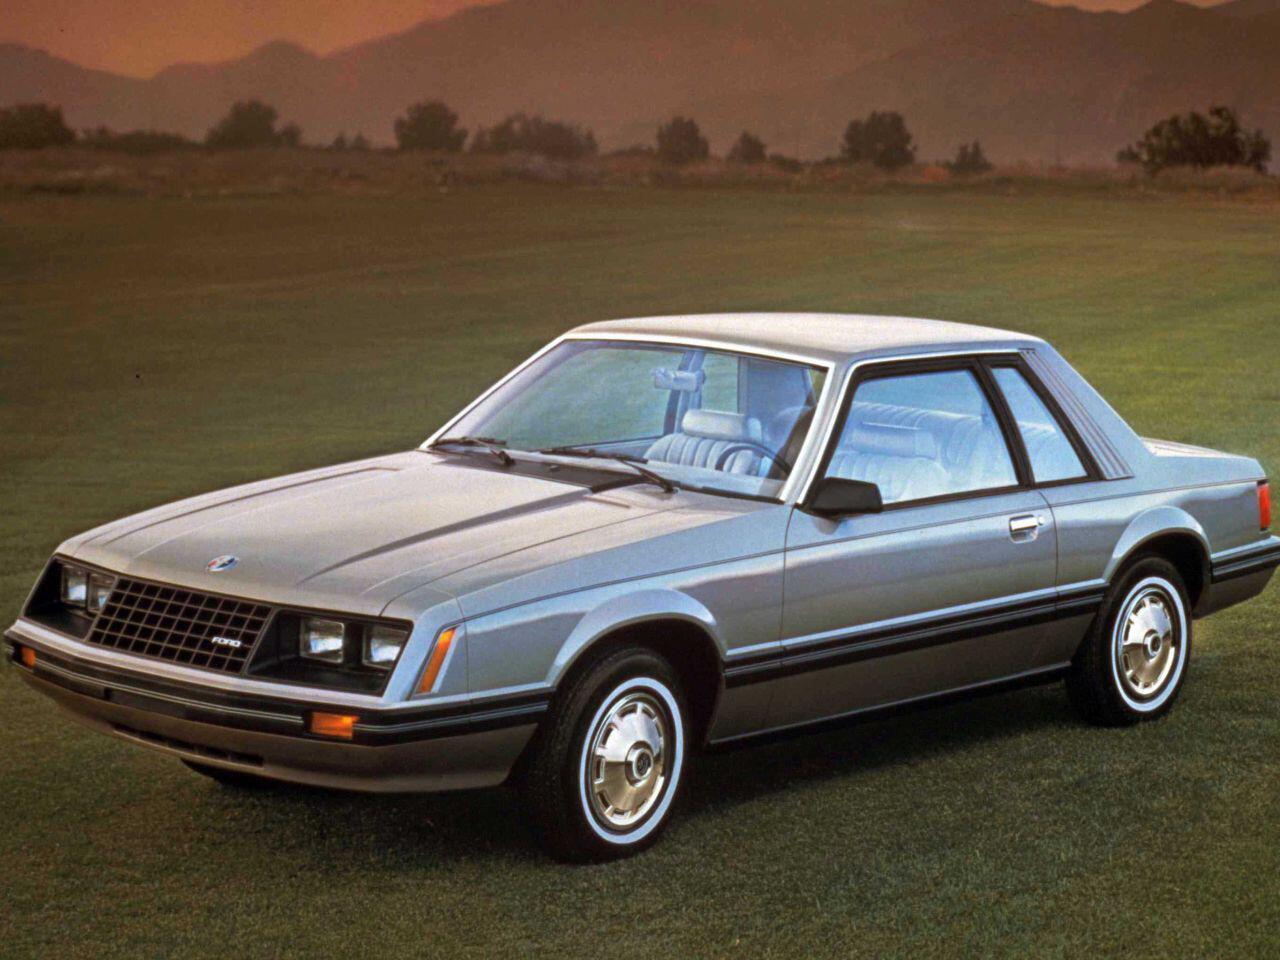 Bild zu Der Ford Mustang III von 1982: Nach Muscle-Car sah dieses Auto nicht gerade aus